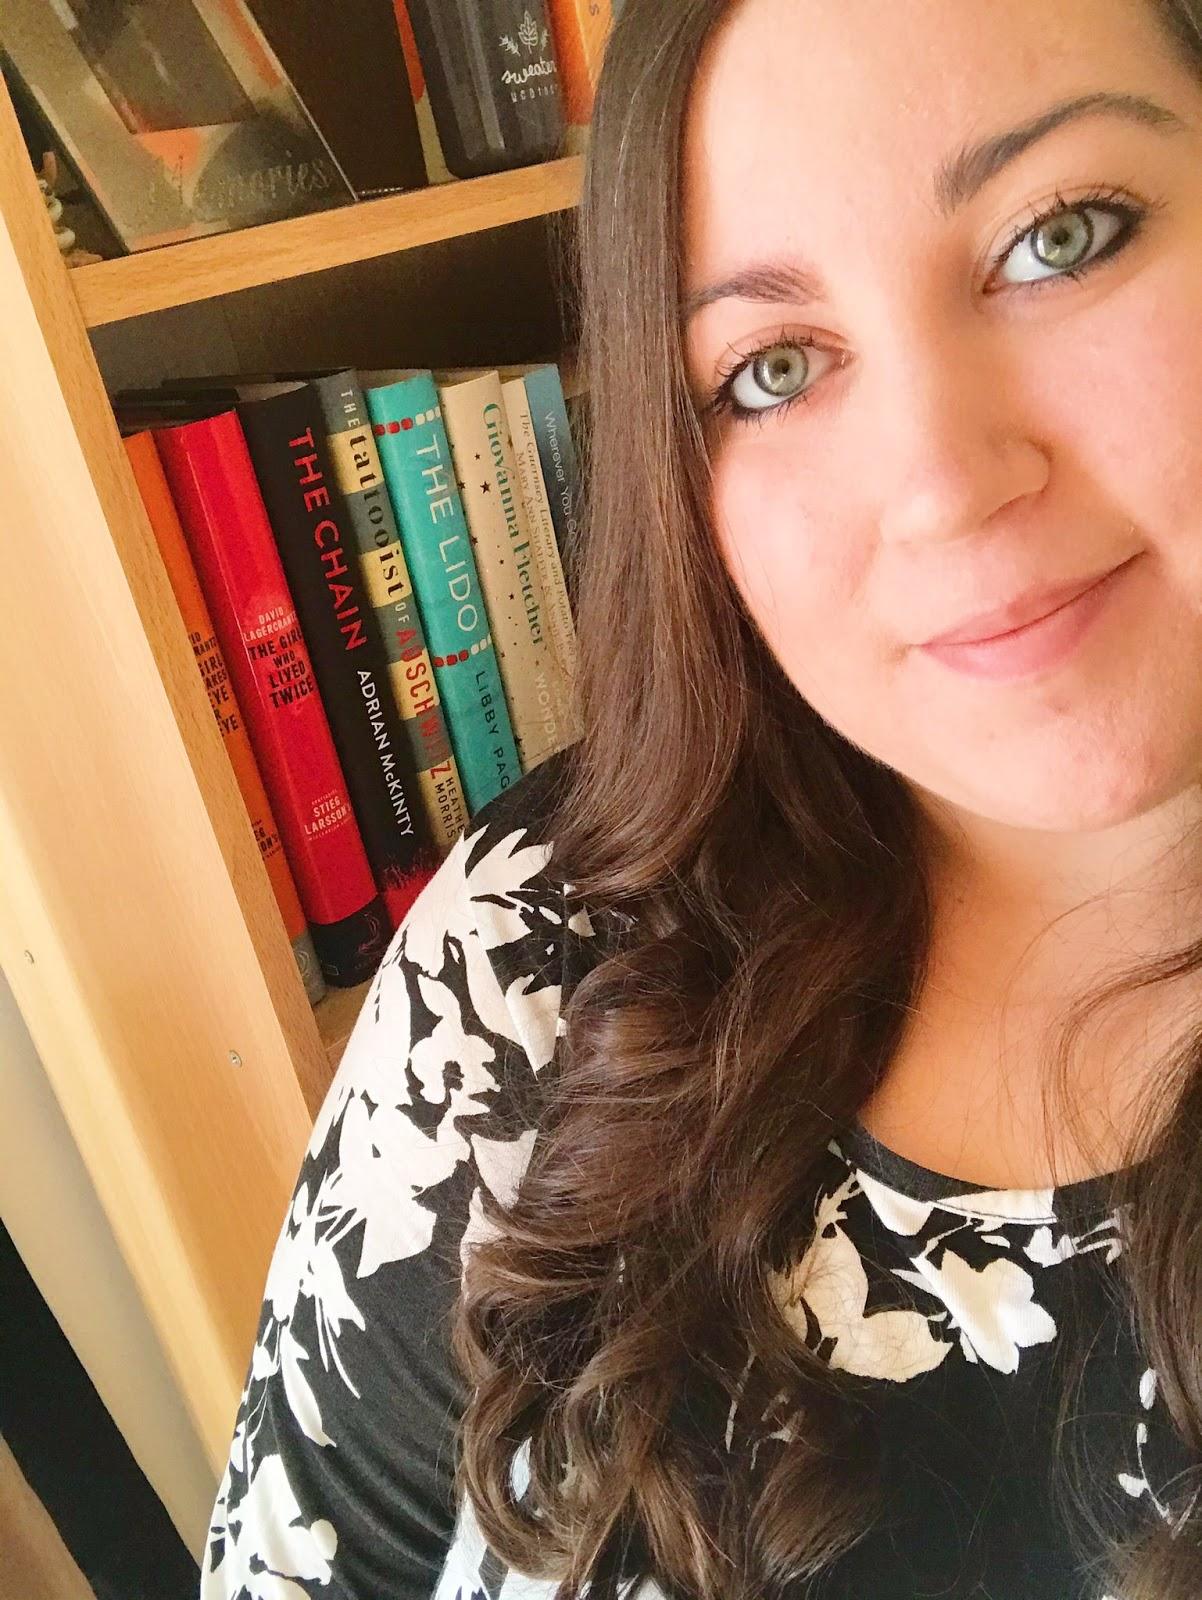 Selfie focusing on hair in front of bookshelf